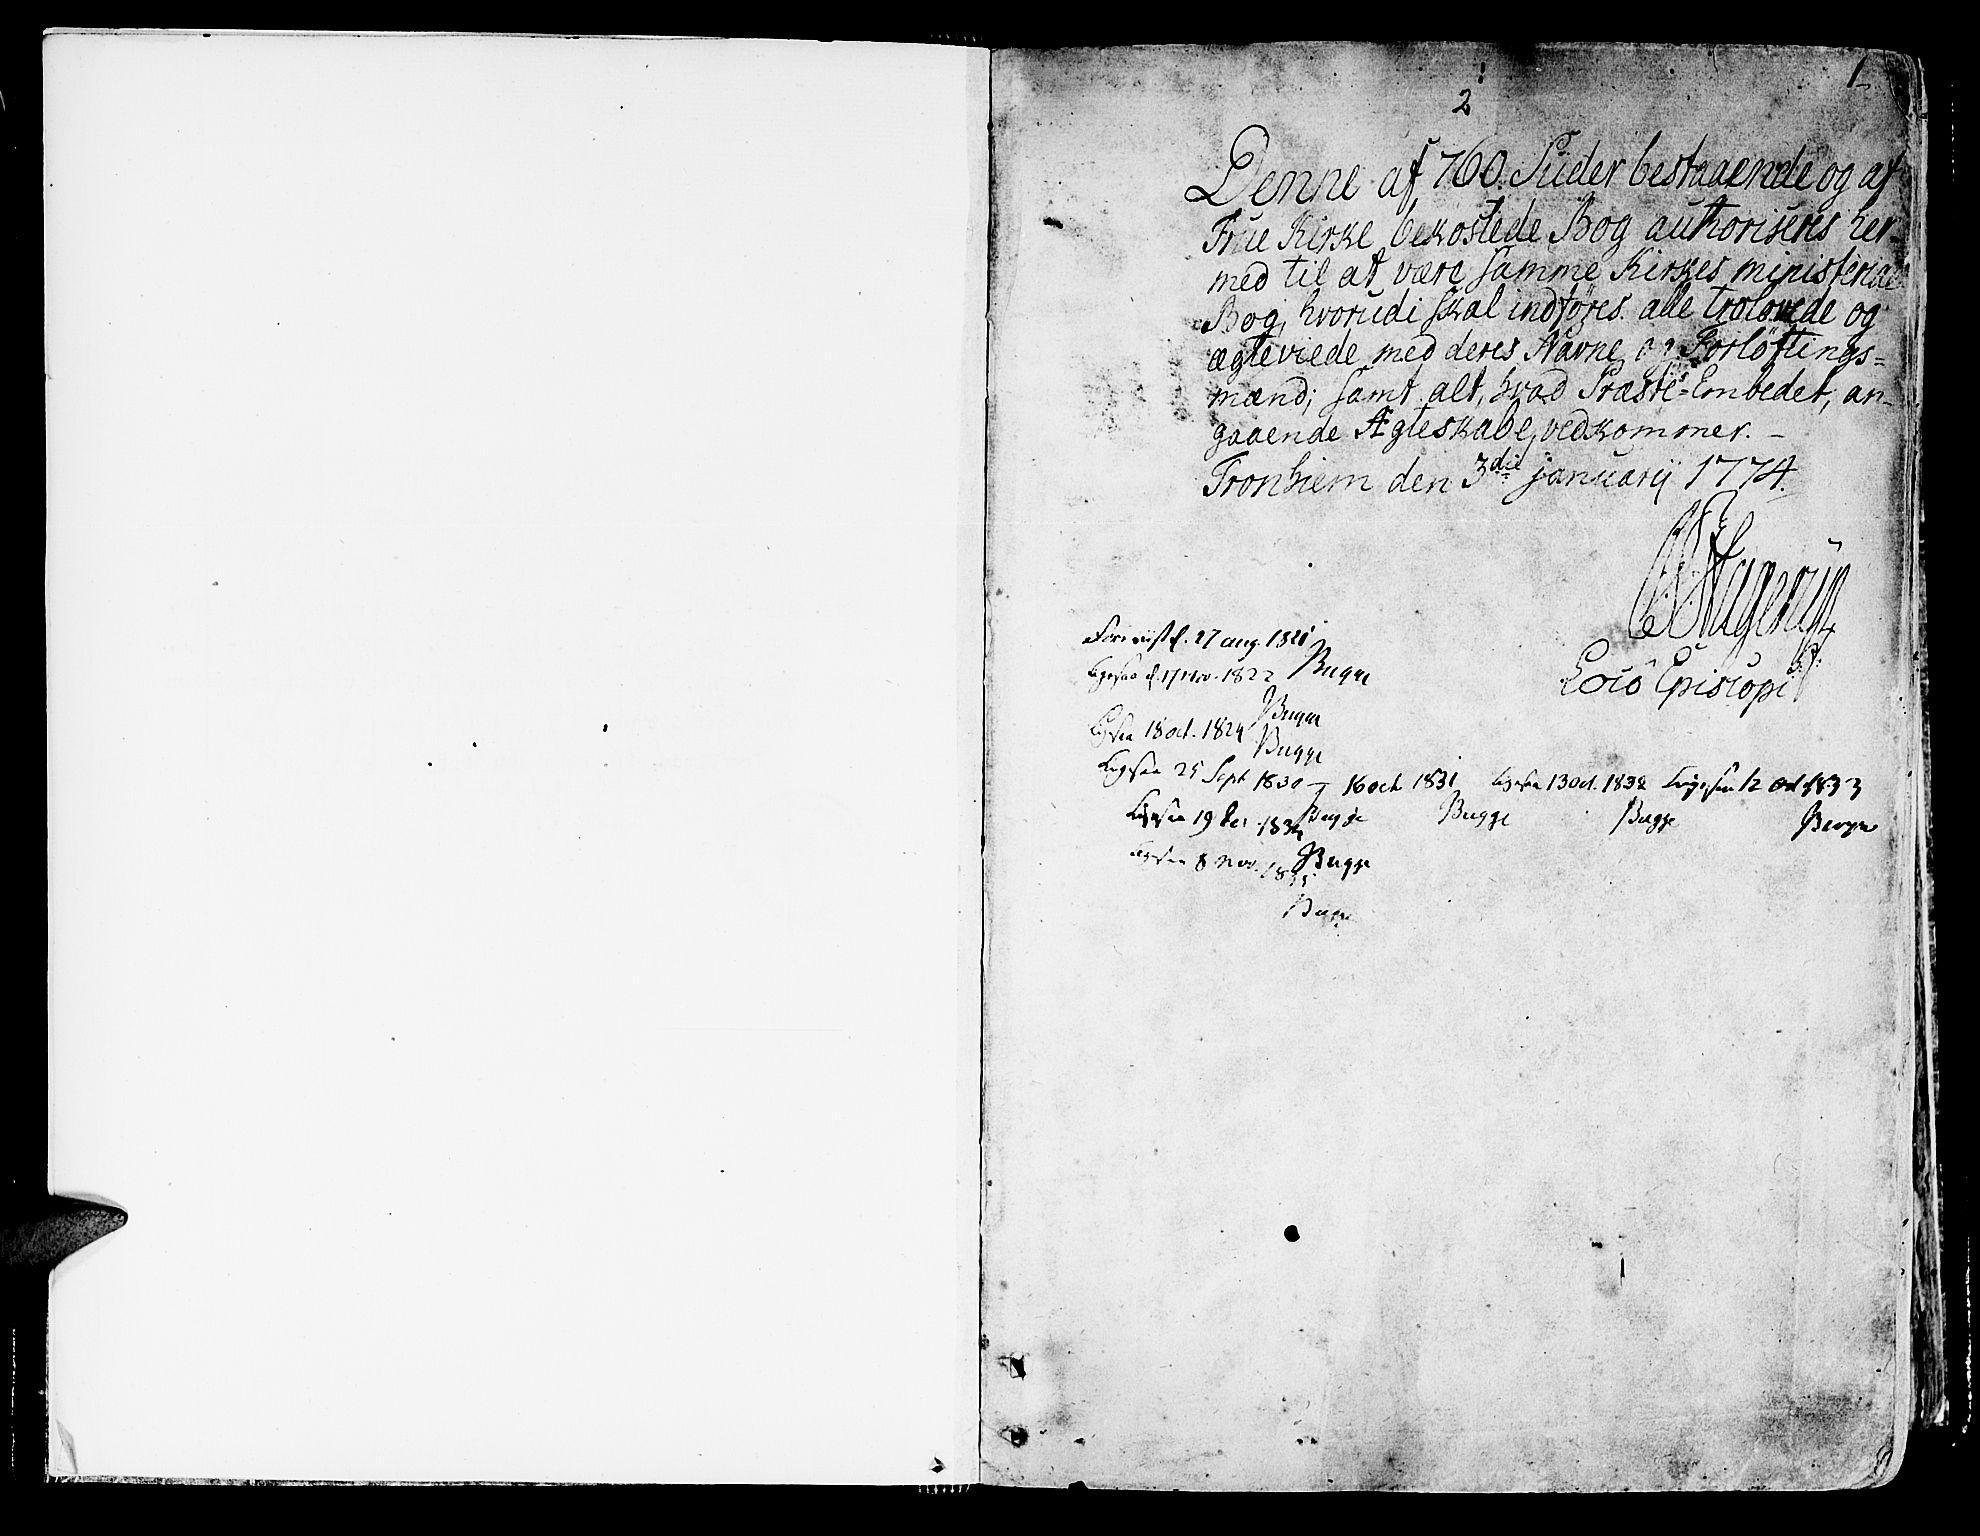 SAT, Ministerialprotokoller, klokkerbøker og fødselsregistre - Sør-Trøndelag, 602/L0105: Ministerialbok nr. 602A03, 1774-1814, s. 0-1